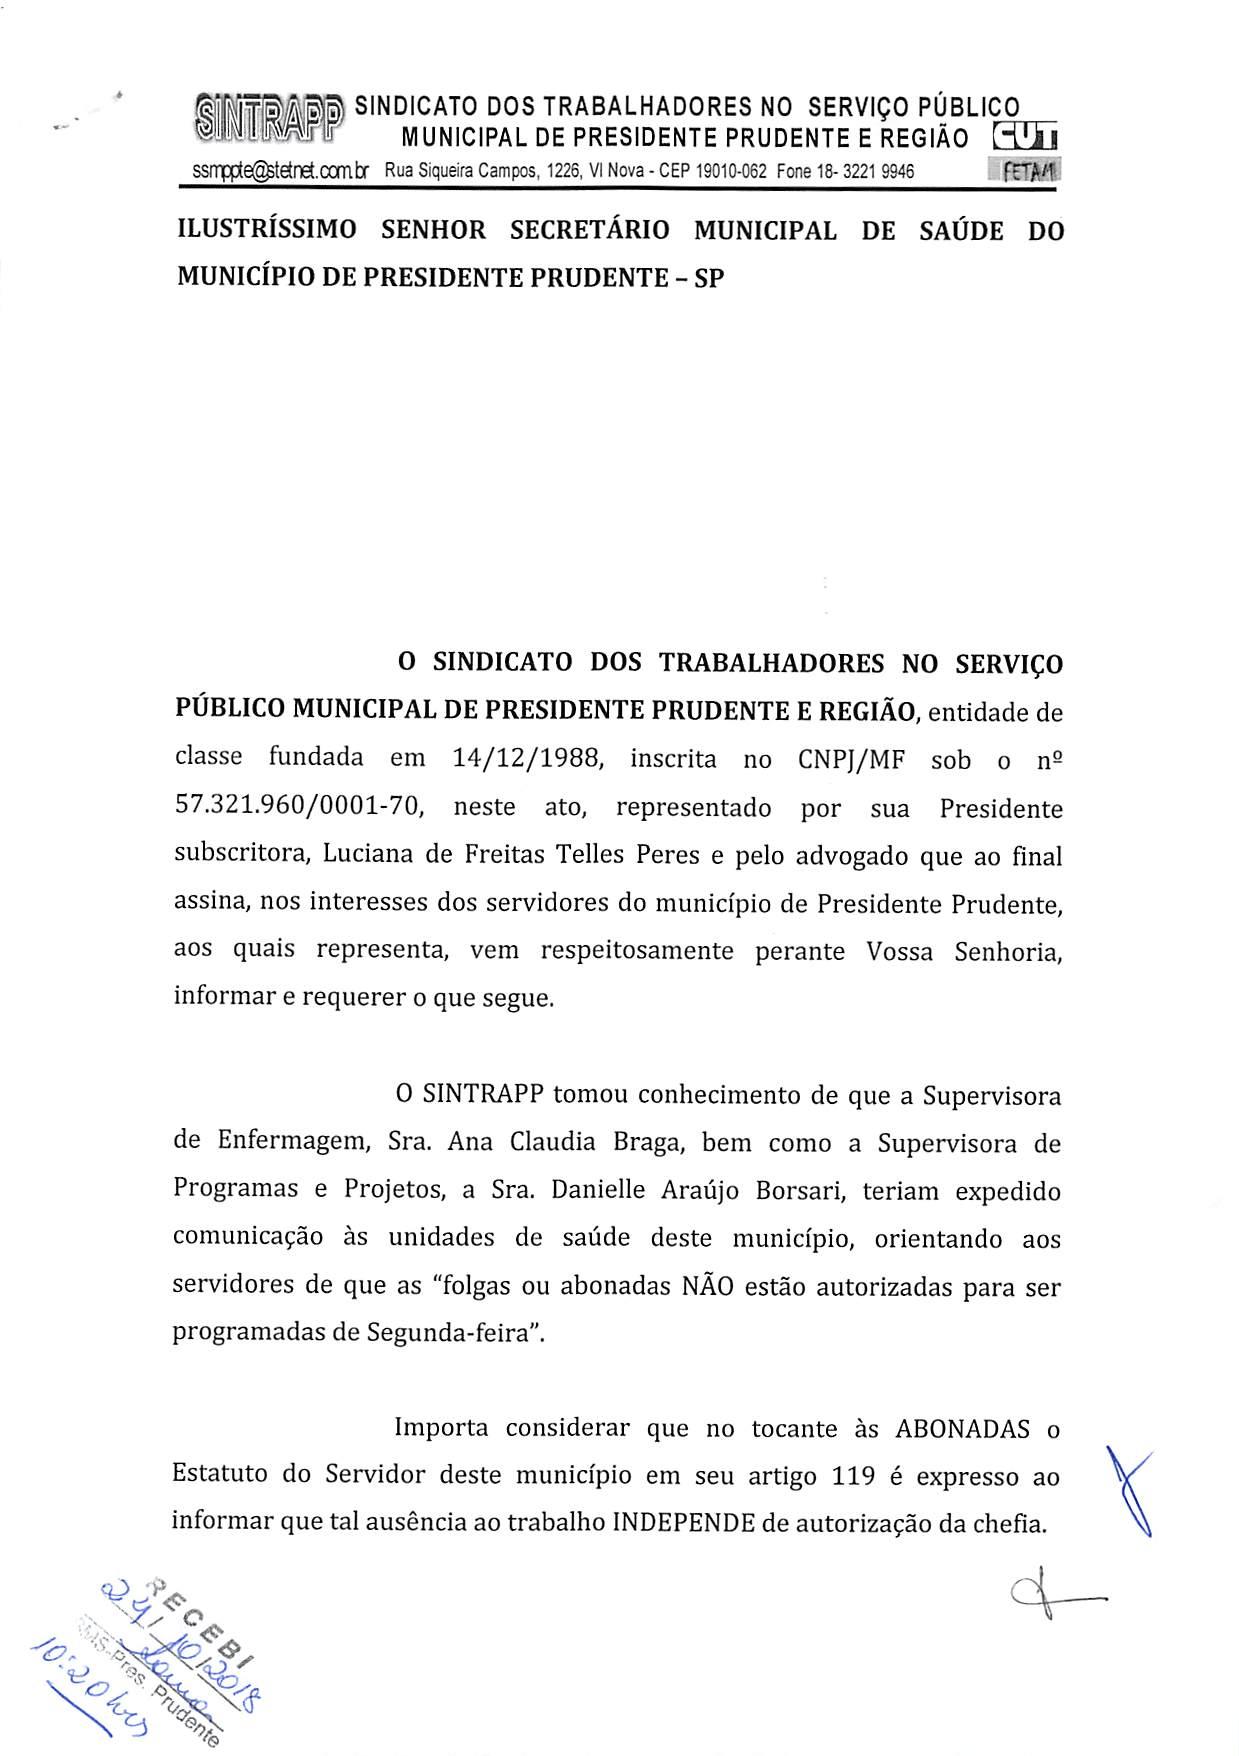 Sindicato reivindica anulação de comunicado da Sesau sobre abonadas